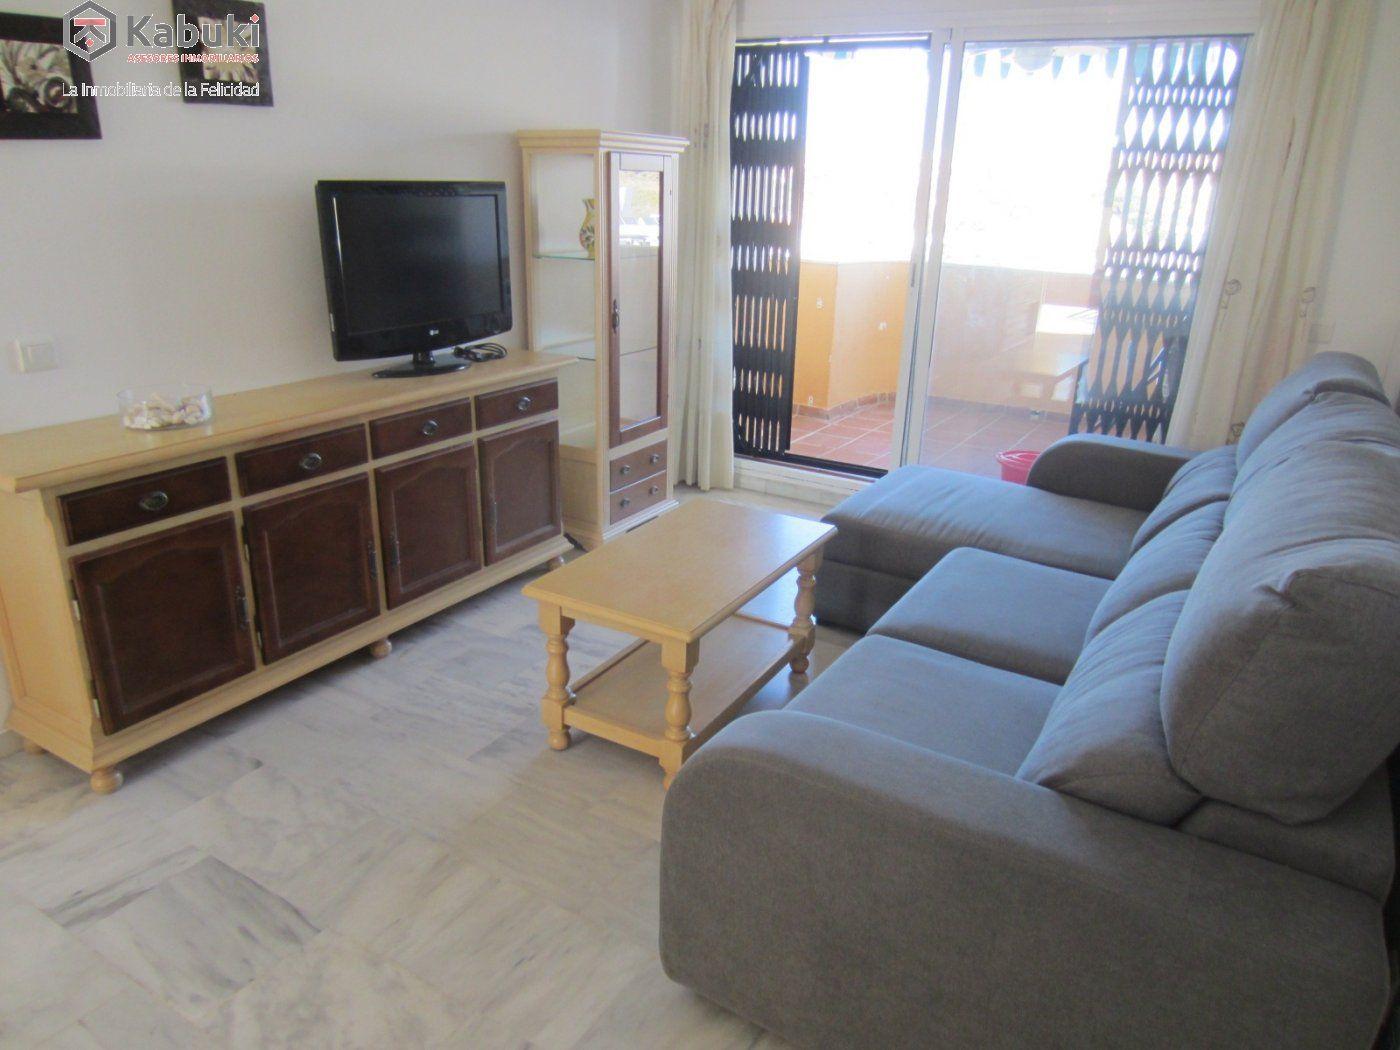 Coqueto apartamento en mijas, a un paso del mar. en urbanización con piscina. - imagenInmueble2